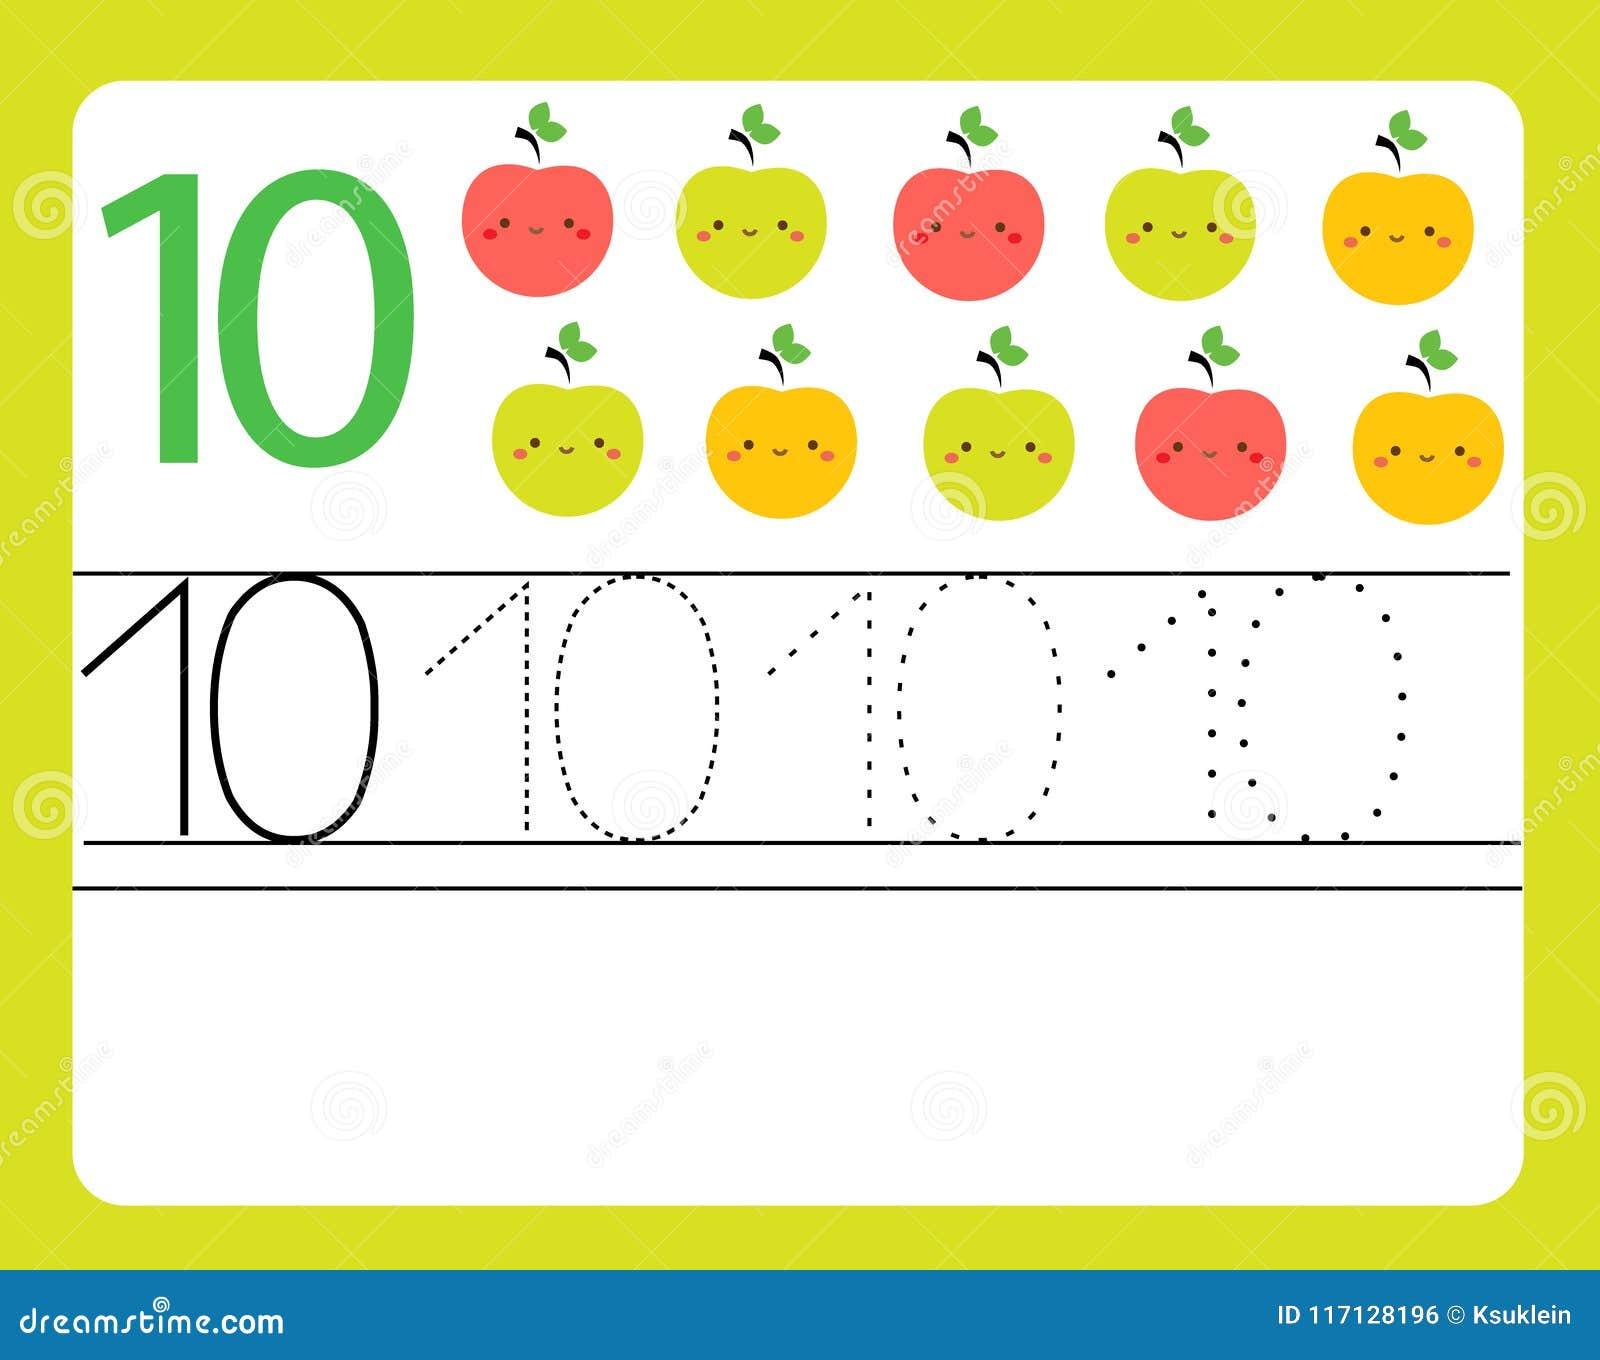 Handwriting practice learning numbers with cute characters number download handwriting practice learning numbers with cute characters number ten educational printable worksheet ibookread PDF